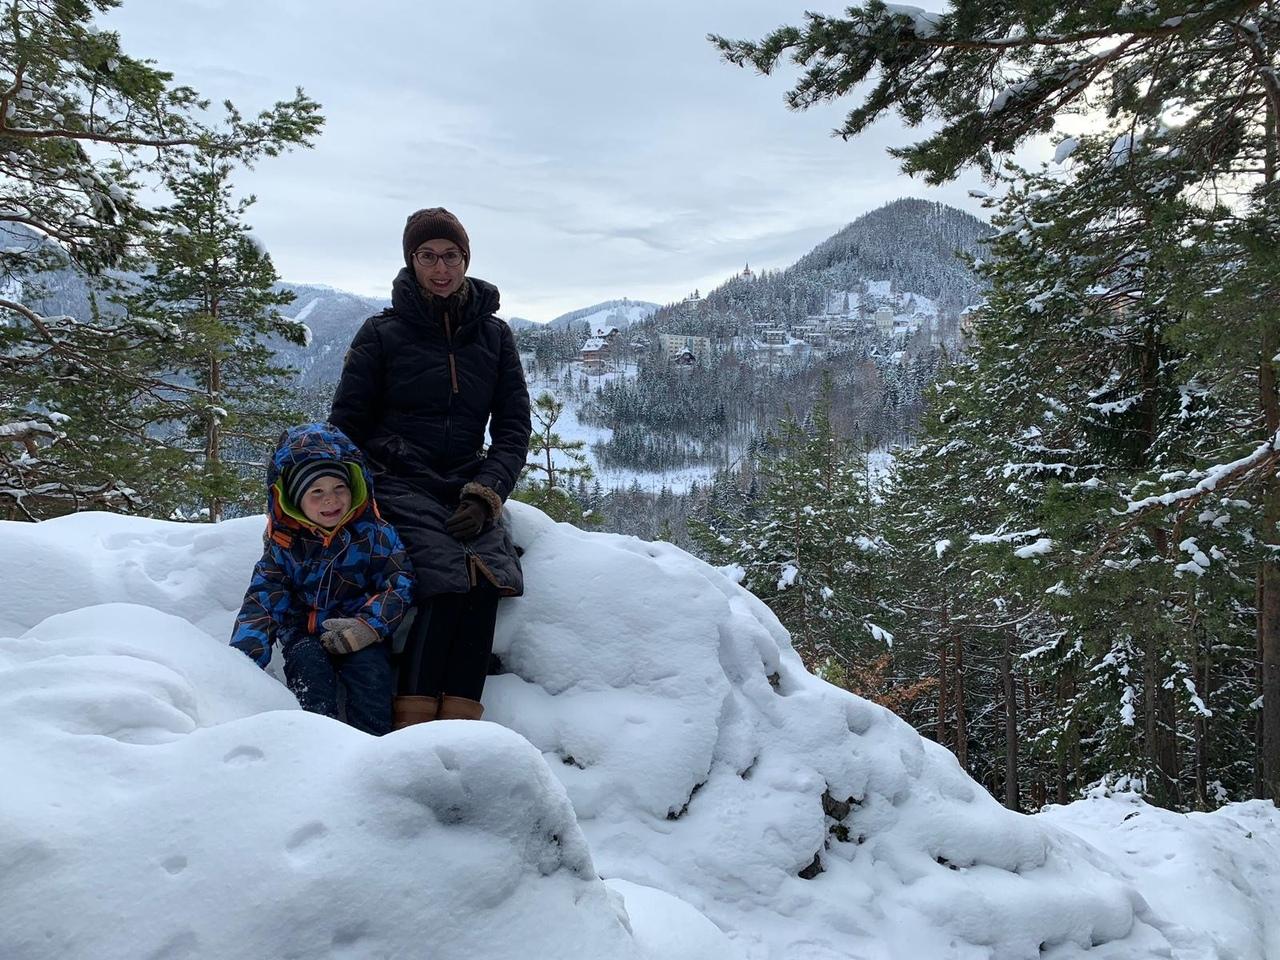 Горный туризм. Покоряя Альпы вместе с мамой.. Веселая зима